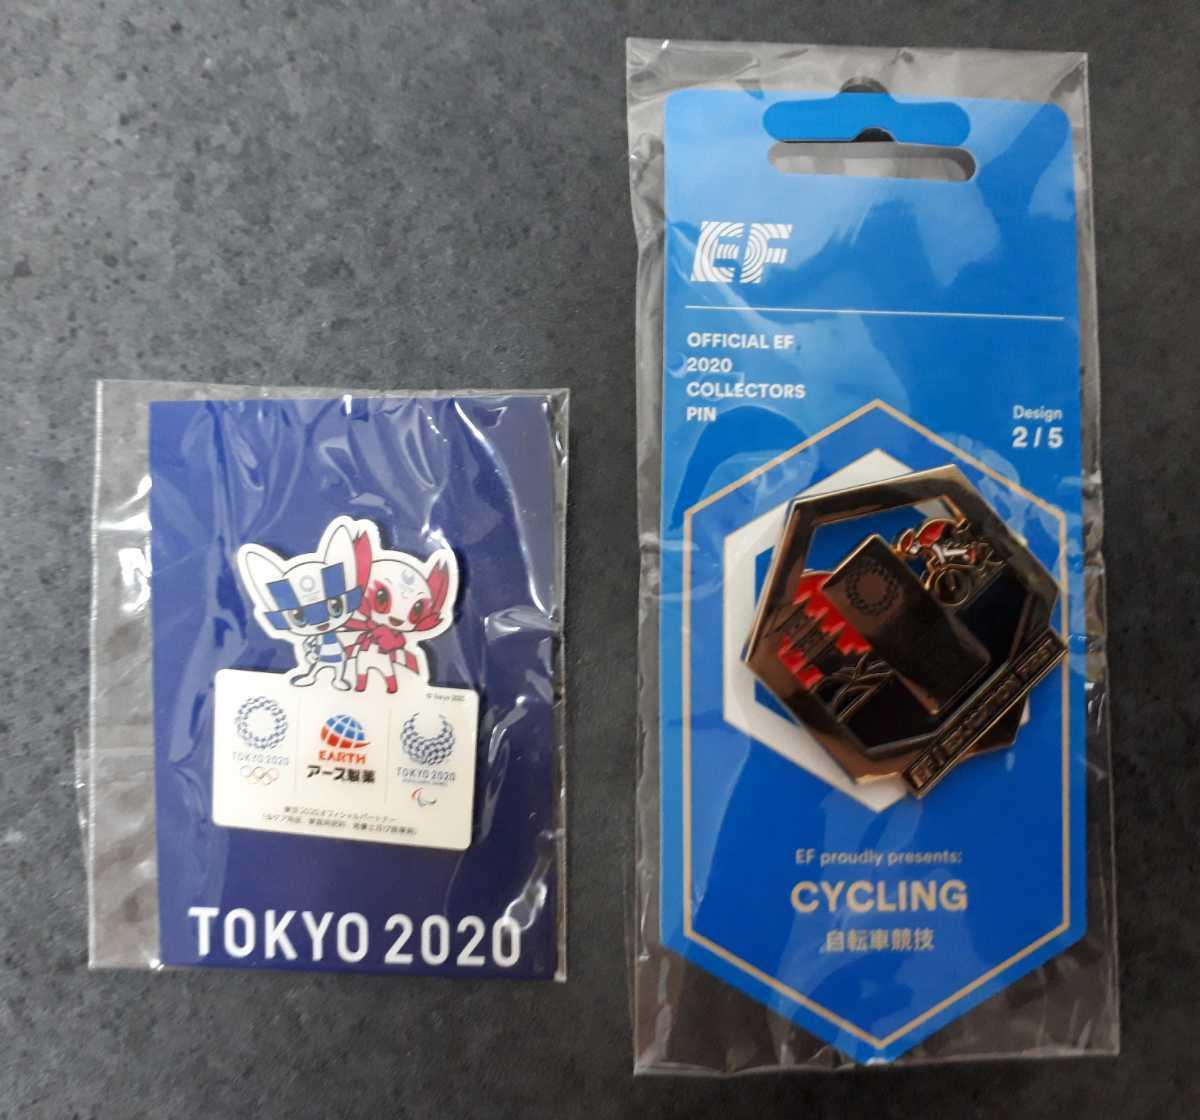 東京オリンピック ピンバッチ ピンバッジ 2020 アース製薬 EF 自転車 ミライトワ ピンズ 未使用